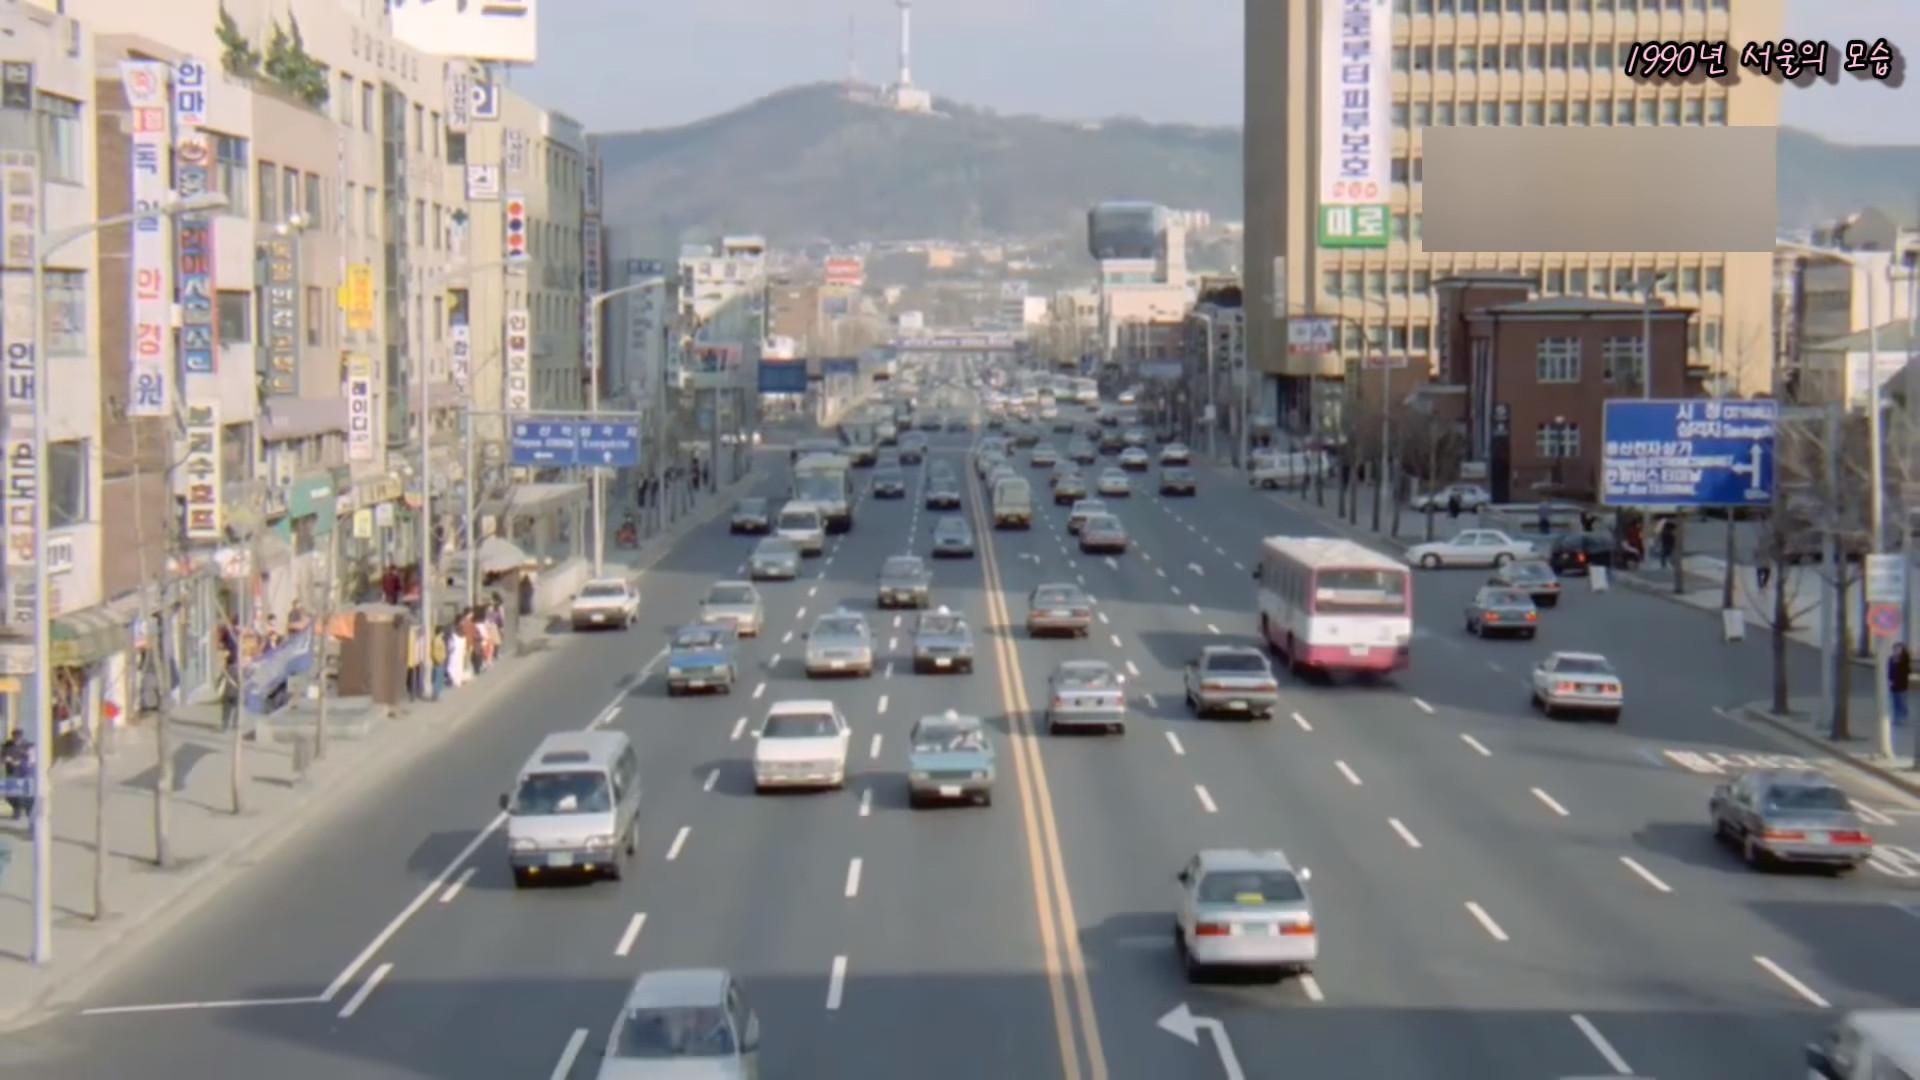 ▲▼1990年代的首爾(圖/翻攝自Youtube@kyoung mo hong)